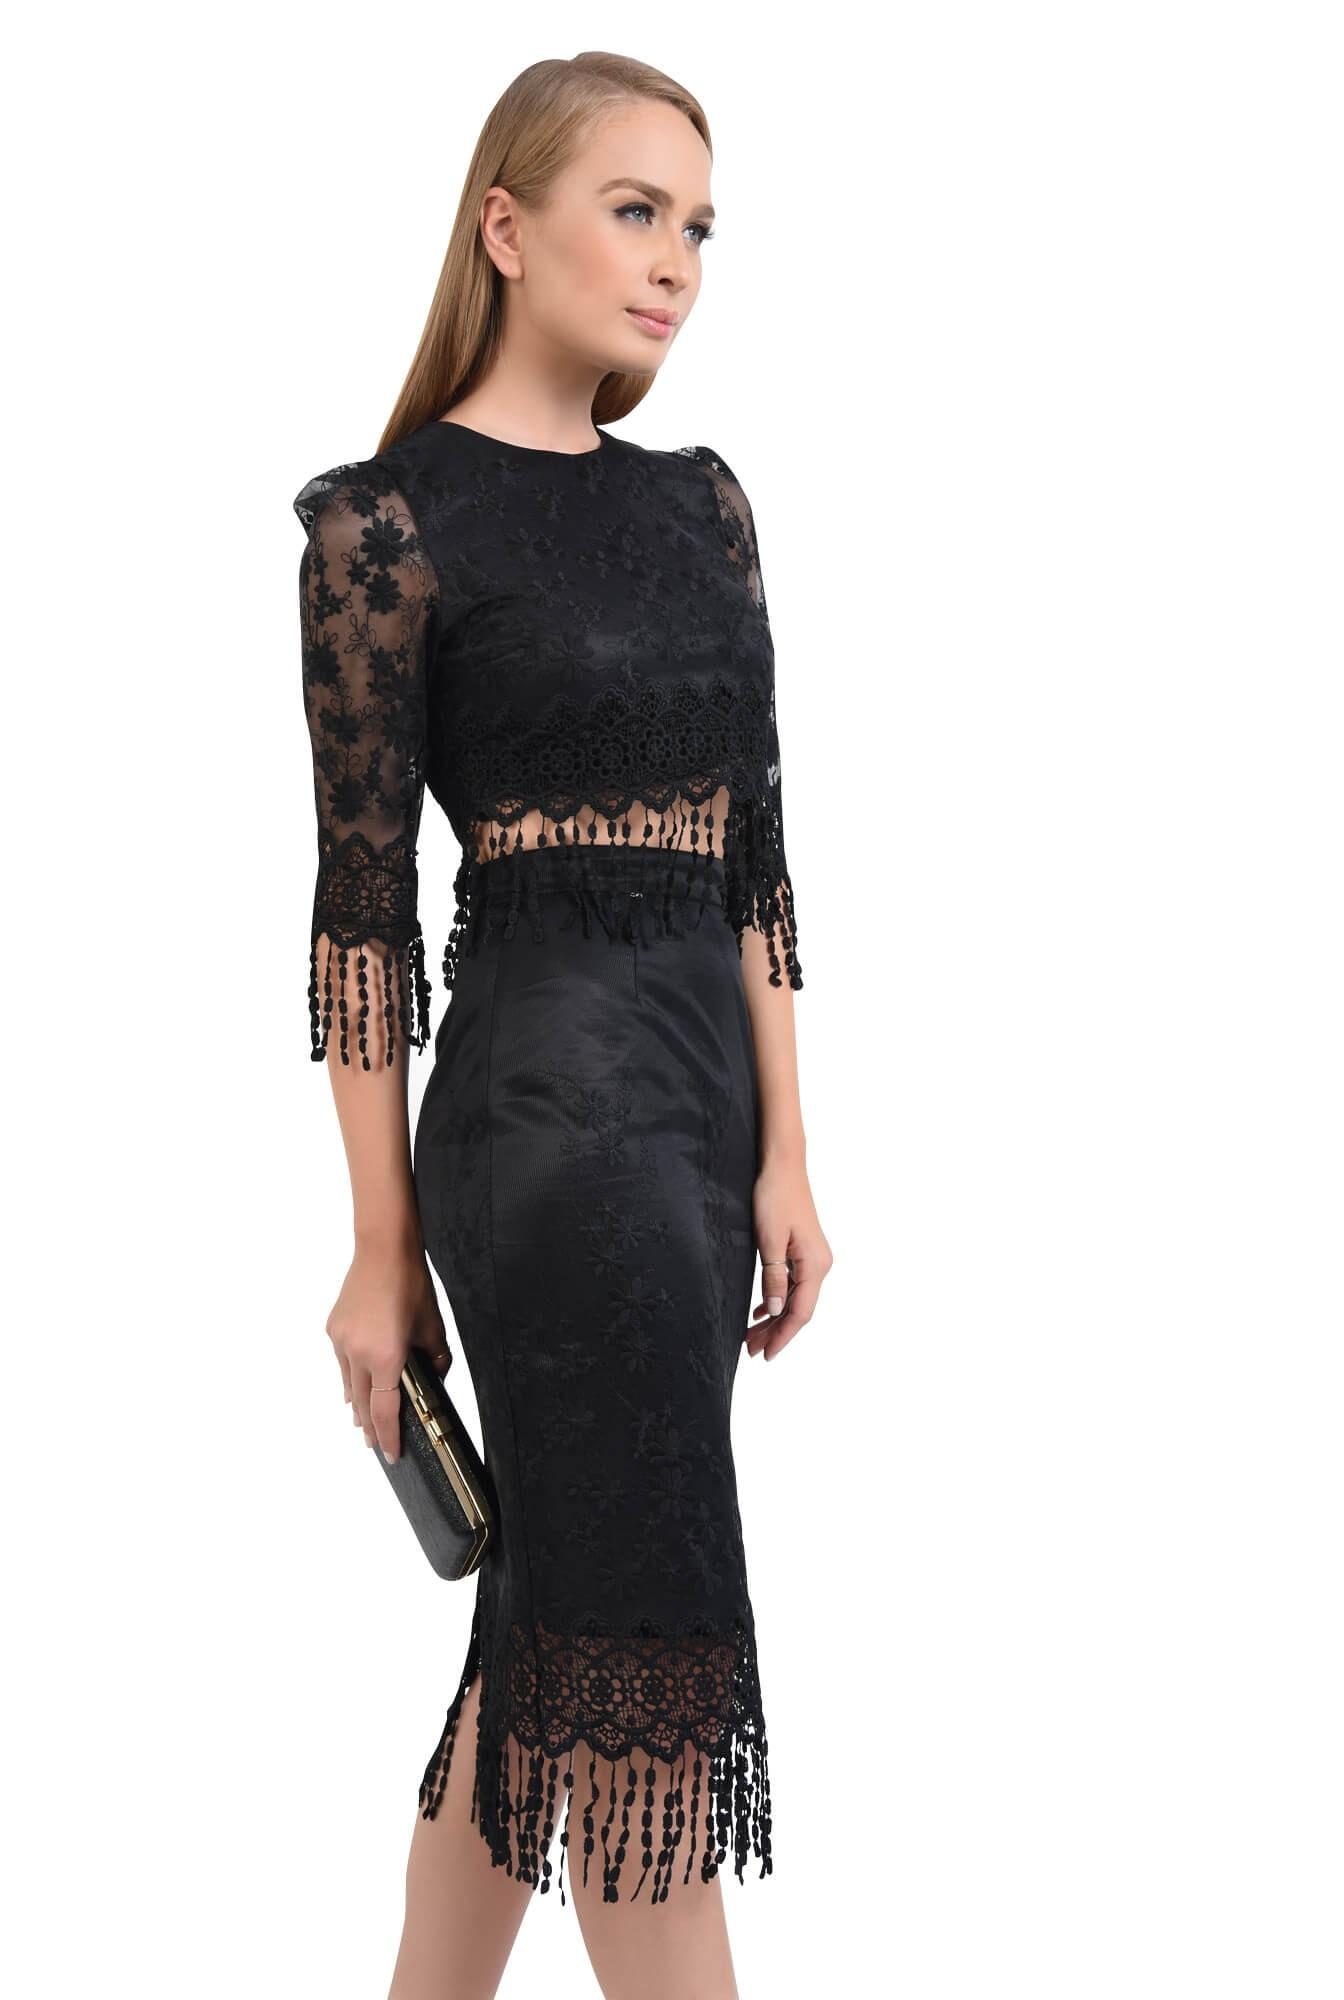 0 - fusta eleganta, midi, conica, negru, broderie decupata